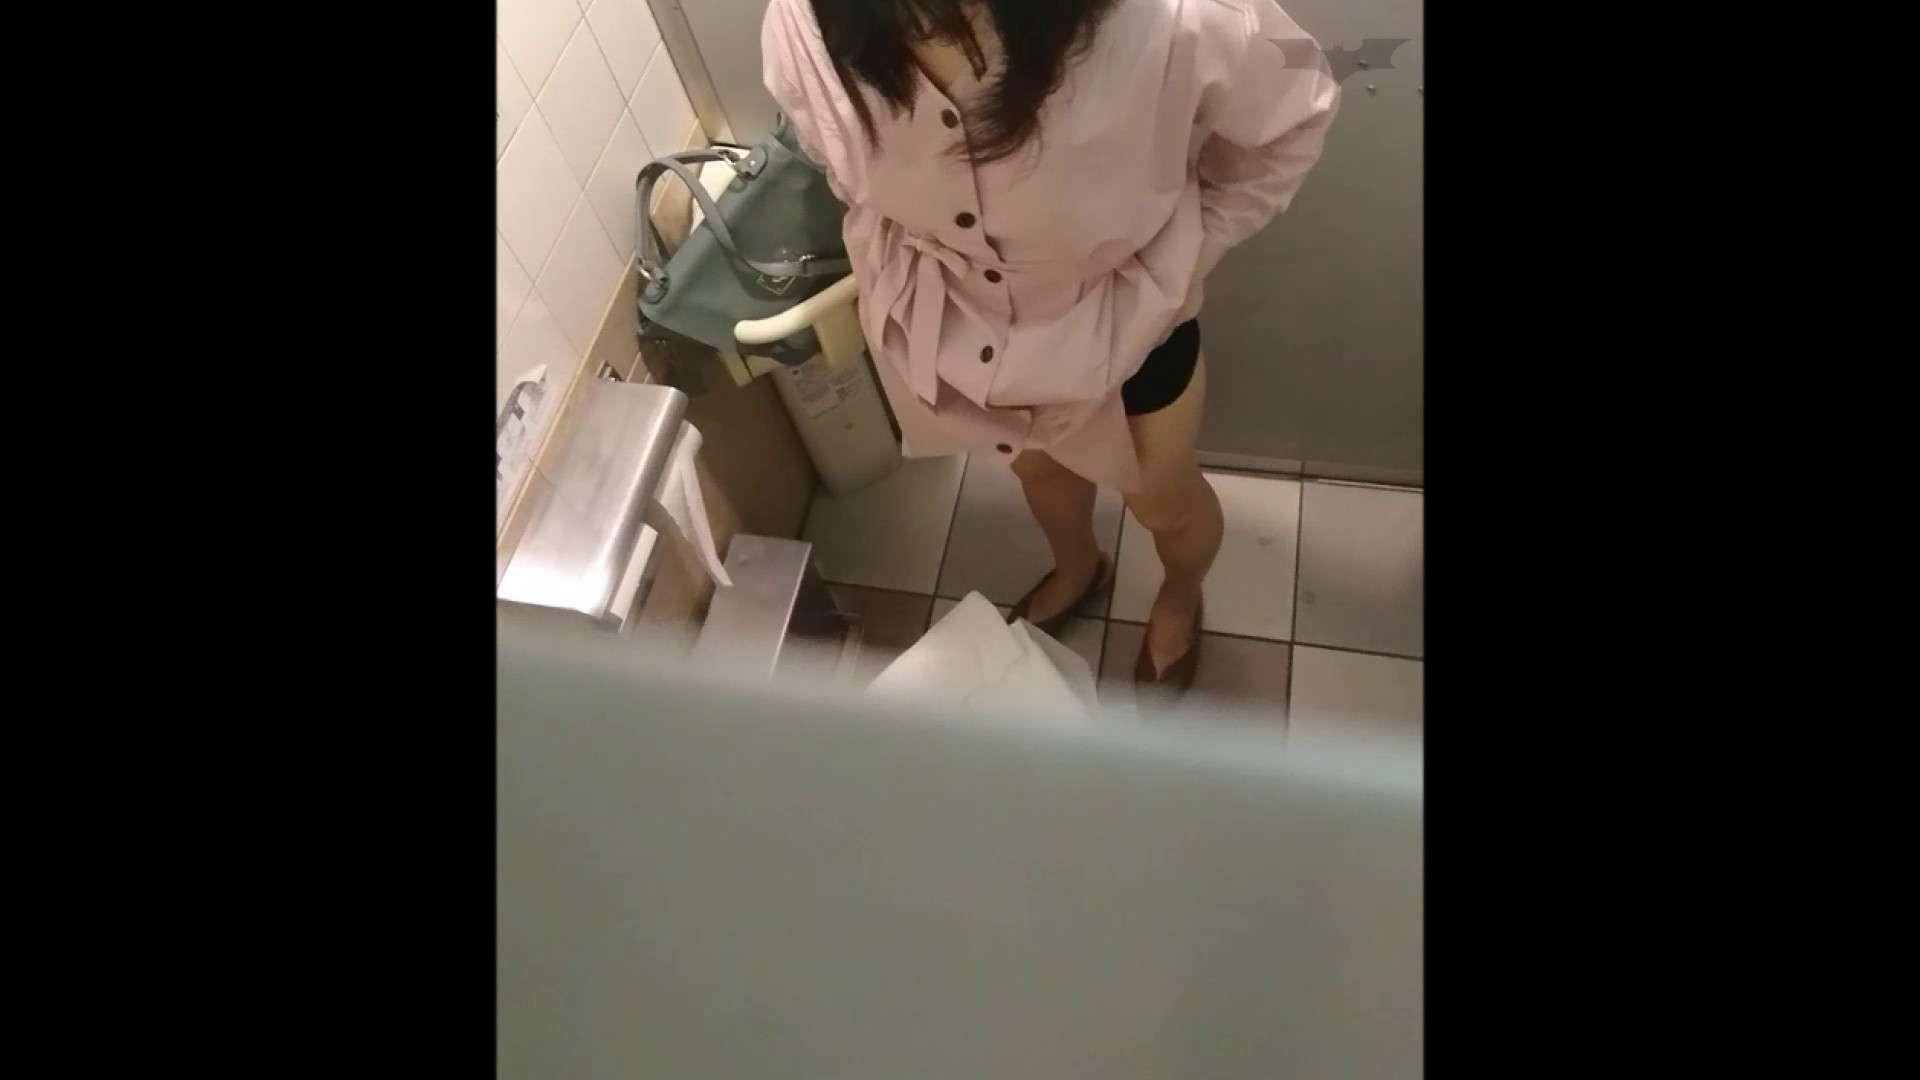 化粧室絵巻 ショッピングモール編 VOL.18 美肌  79PIX 27